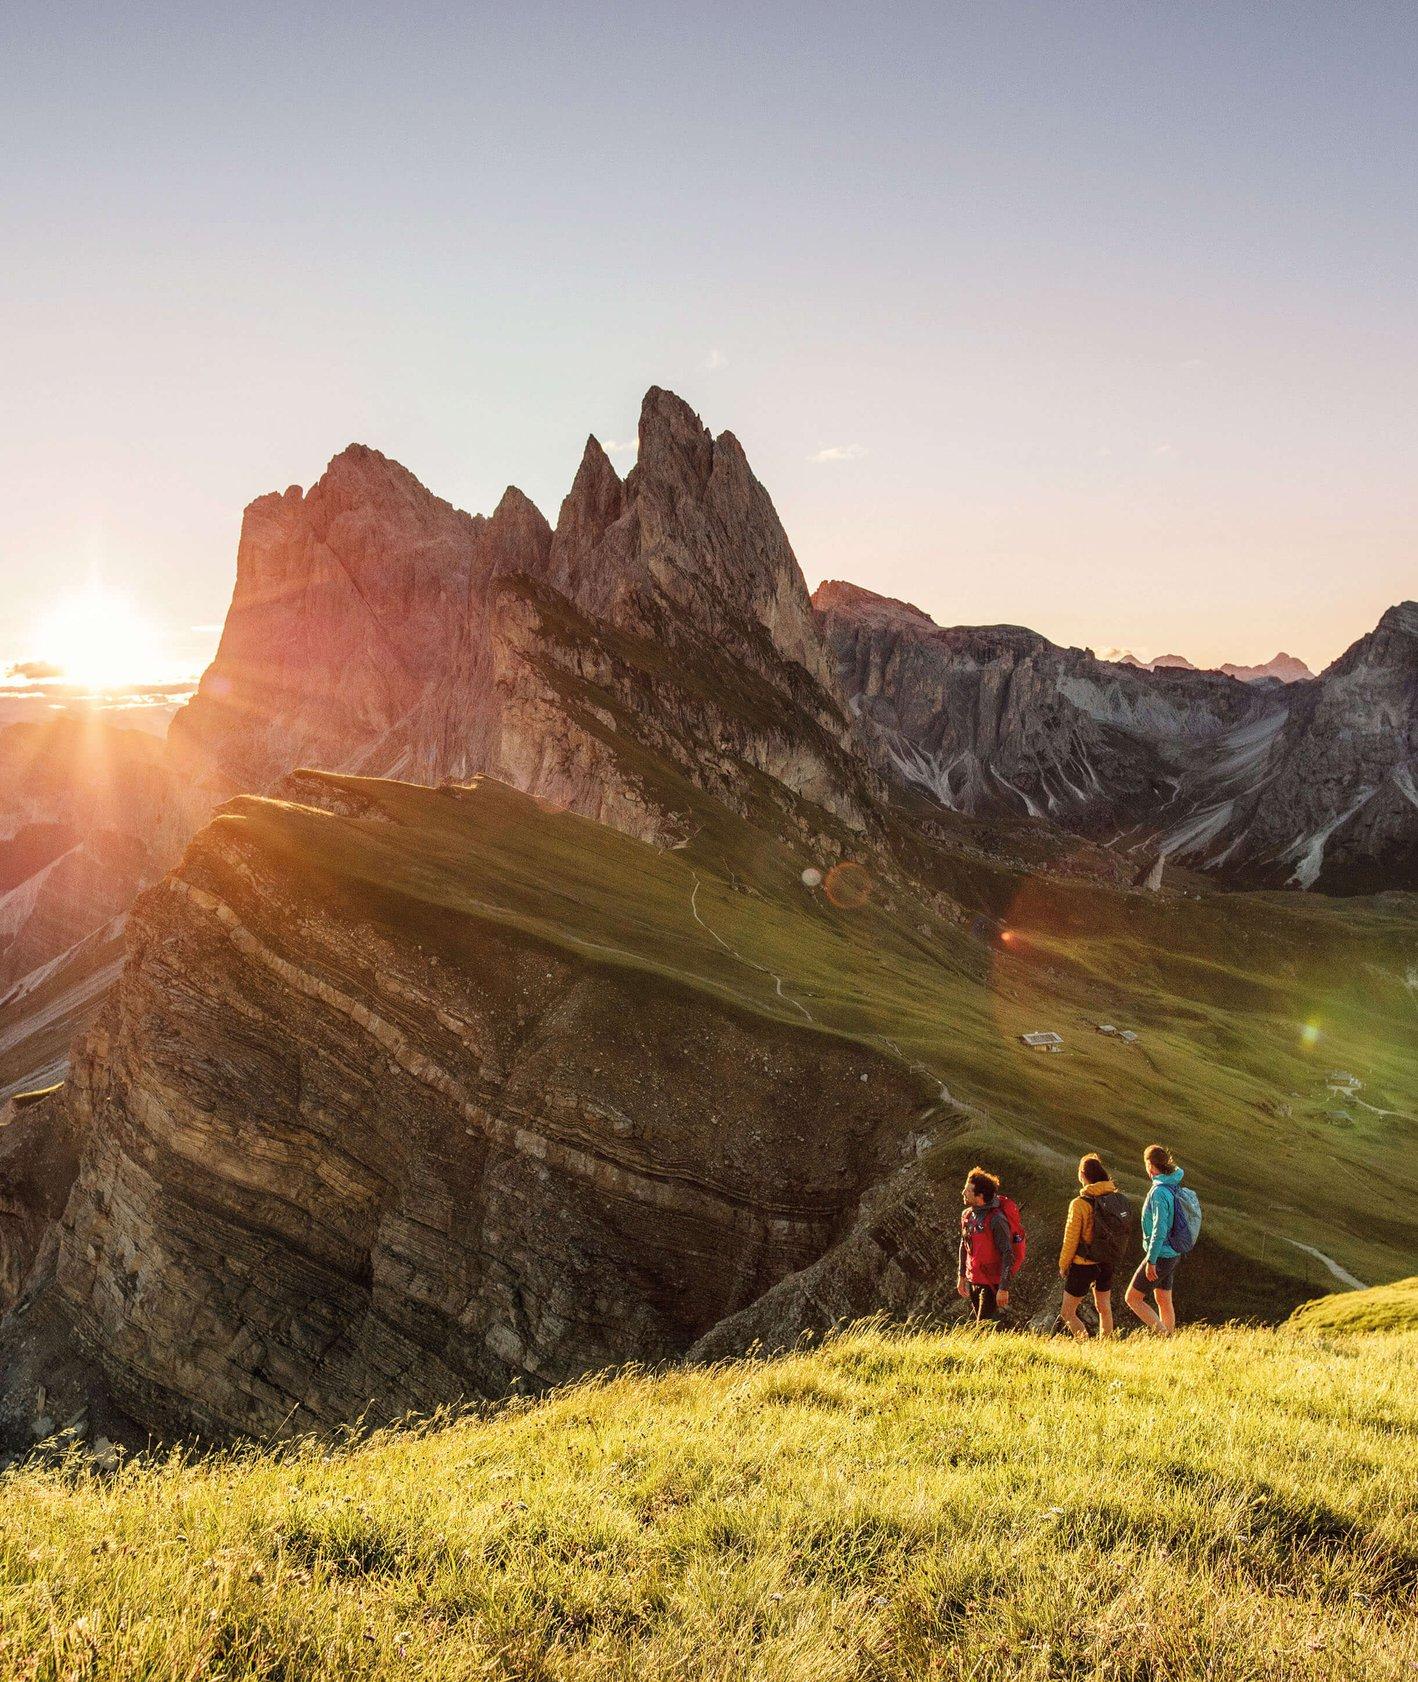 Piękne krajobrazy i aż 300 słonecznych dni w roku